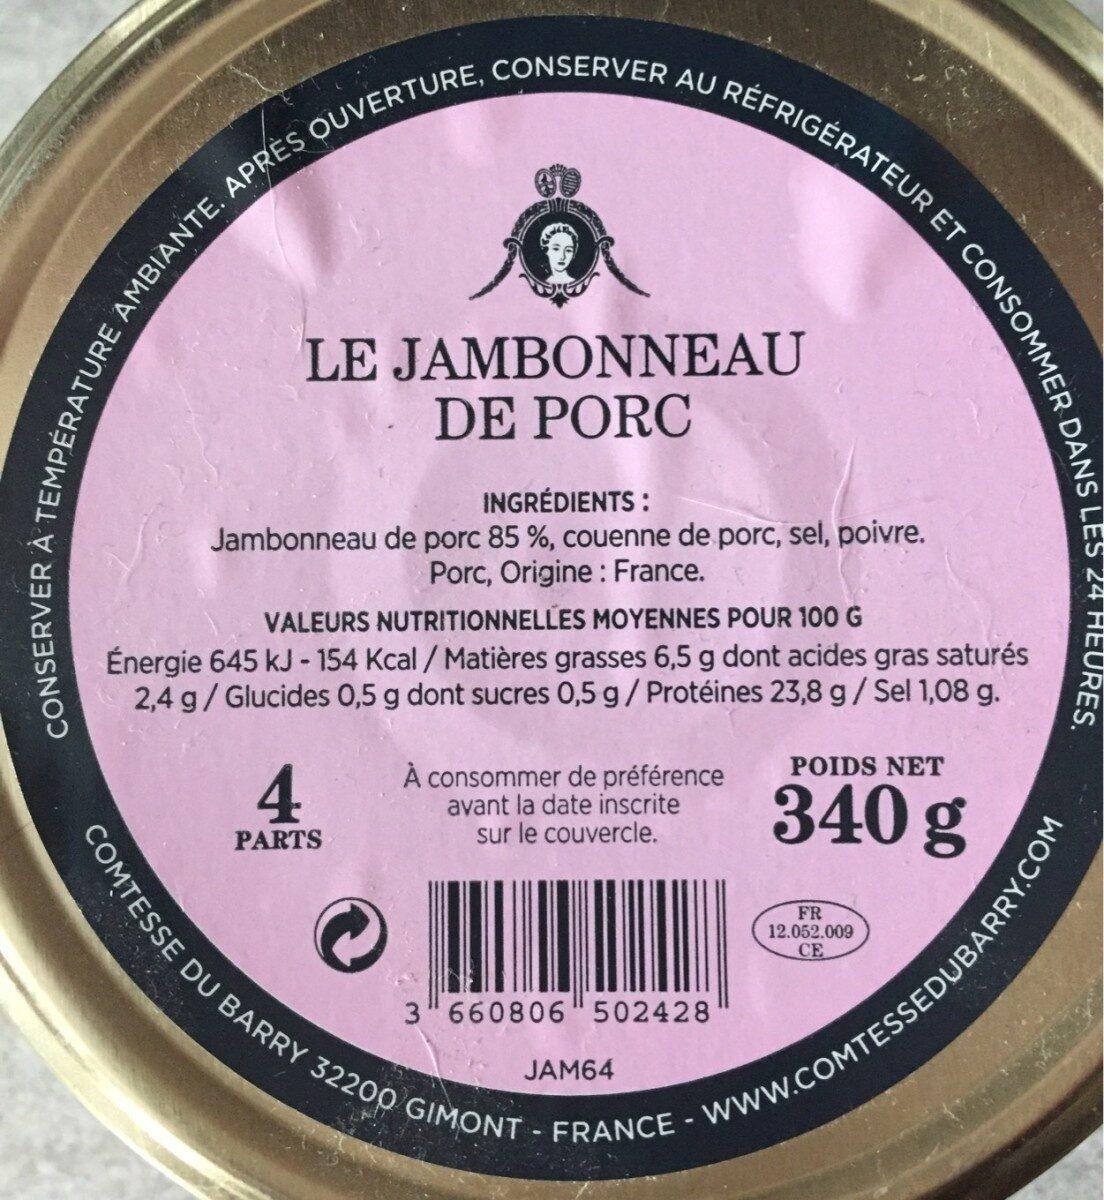 Jambonneau de porc - Produit - fr